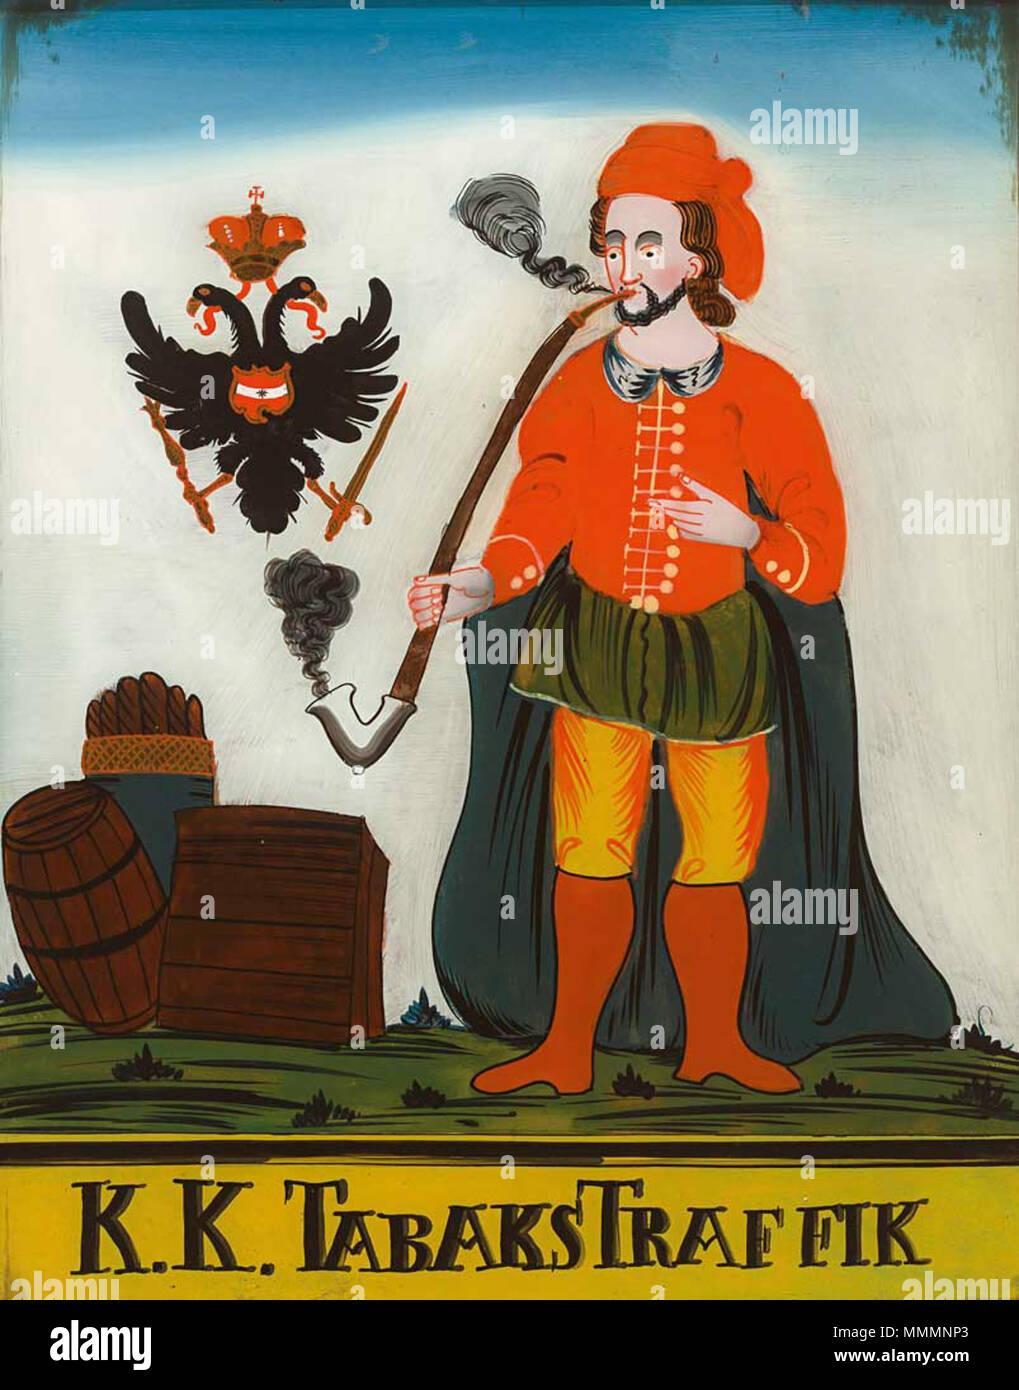 . Tabakhändler in türkischer Tracht, eine Pfeife rauchend, begleitet vom K. und k. Doppeladler, tituliert 'K.K. Tabakstraffik'. Böhmen, 19. Jh. 44,8 x 34,6 cm  . 19th century. Anonymous Hinterglasbild Trafik - Stock Image